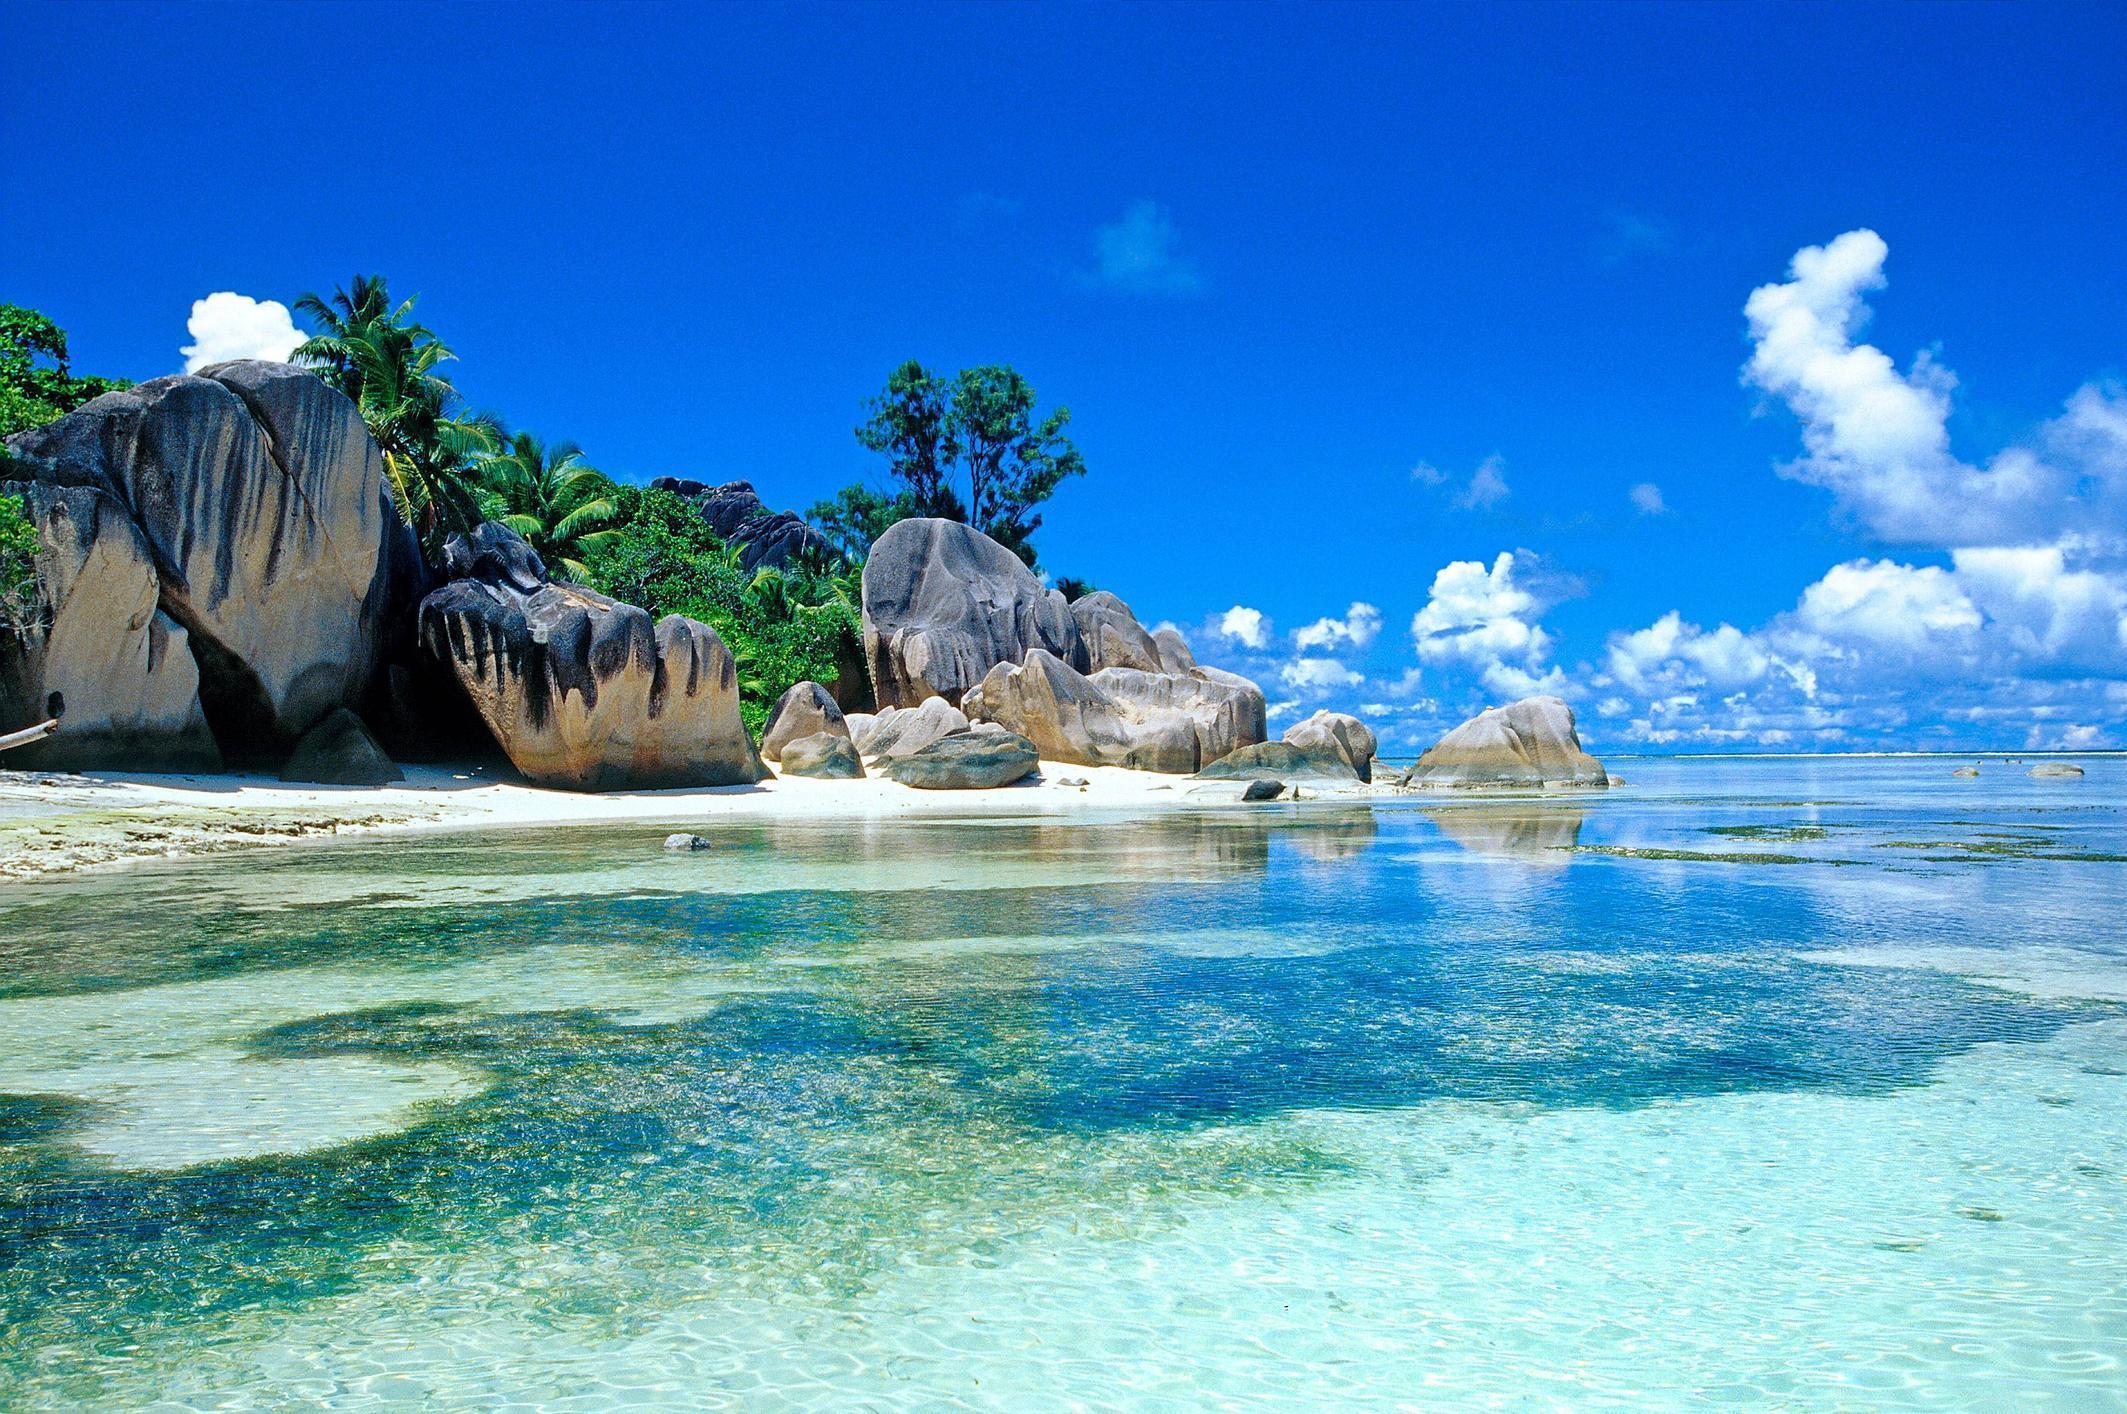 beautiful ocean desktop wallpaper images pictures becuo